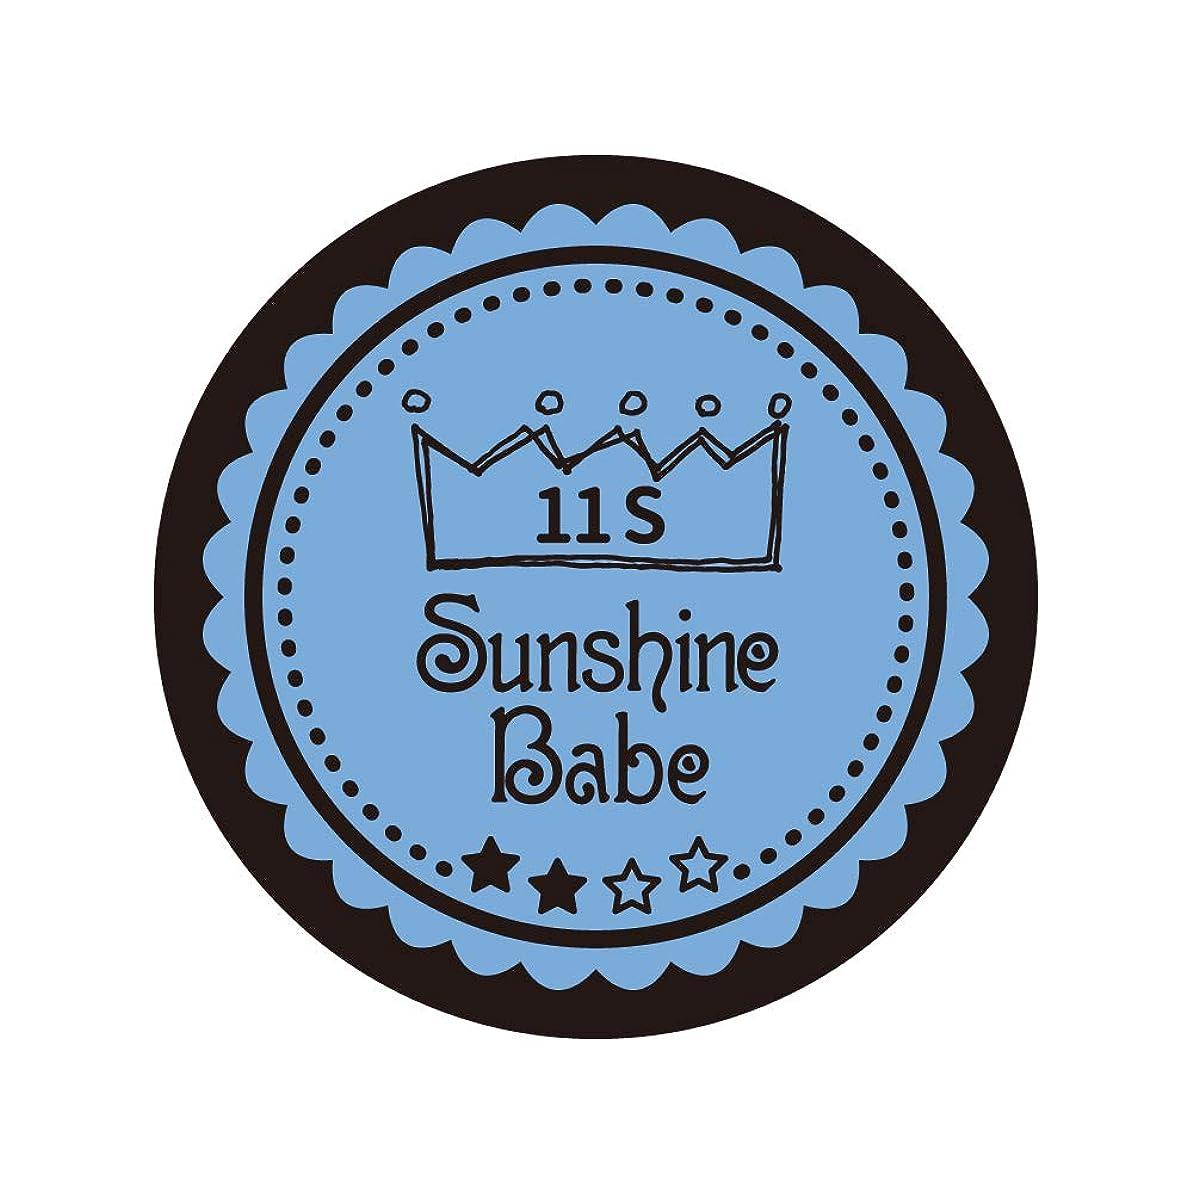 シェアネーピアニッケルSunshine Babe コスメティックカラー 11S リトルボーイブルー 4g UV/LED対応